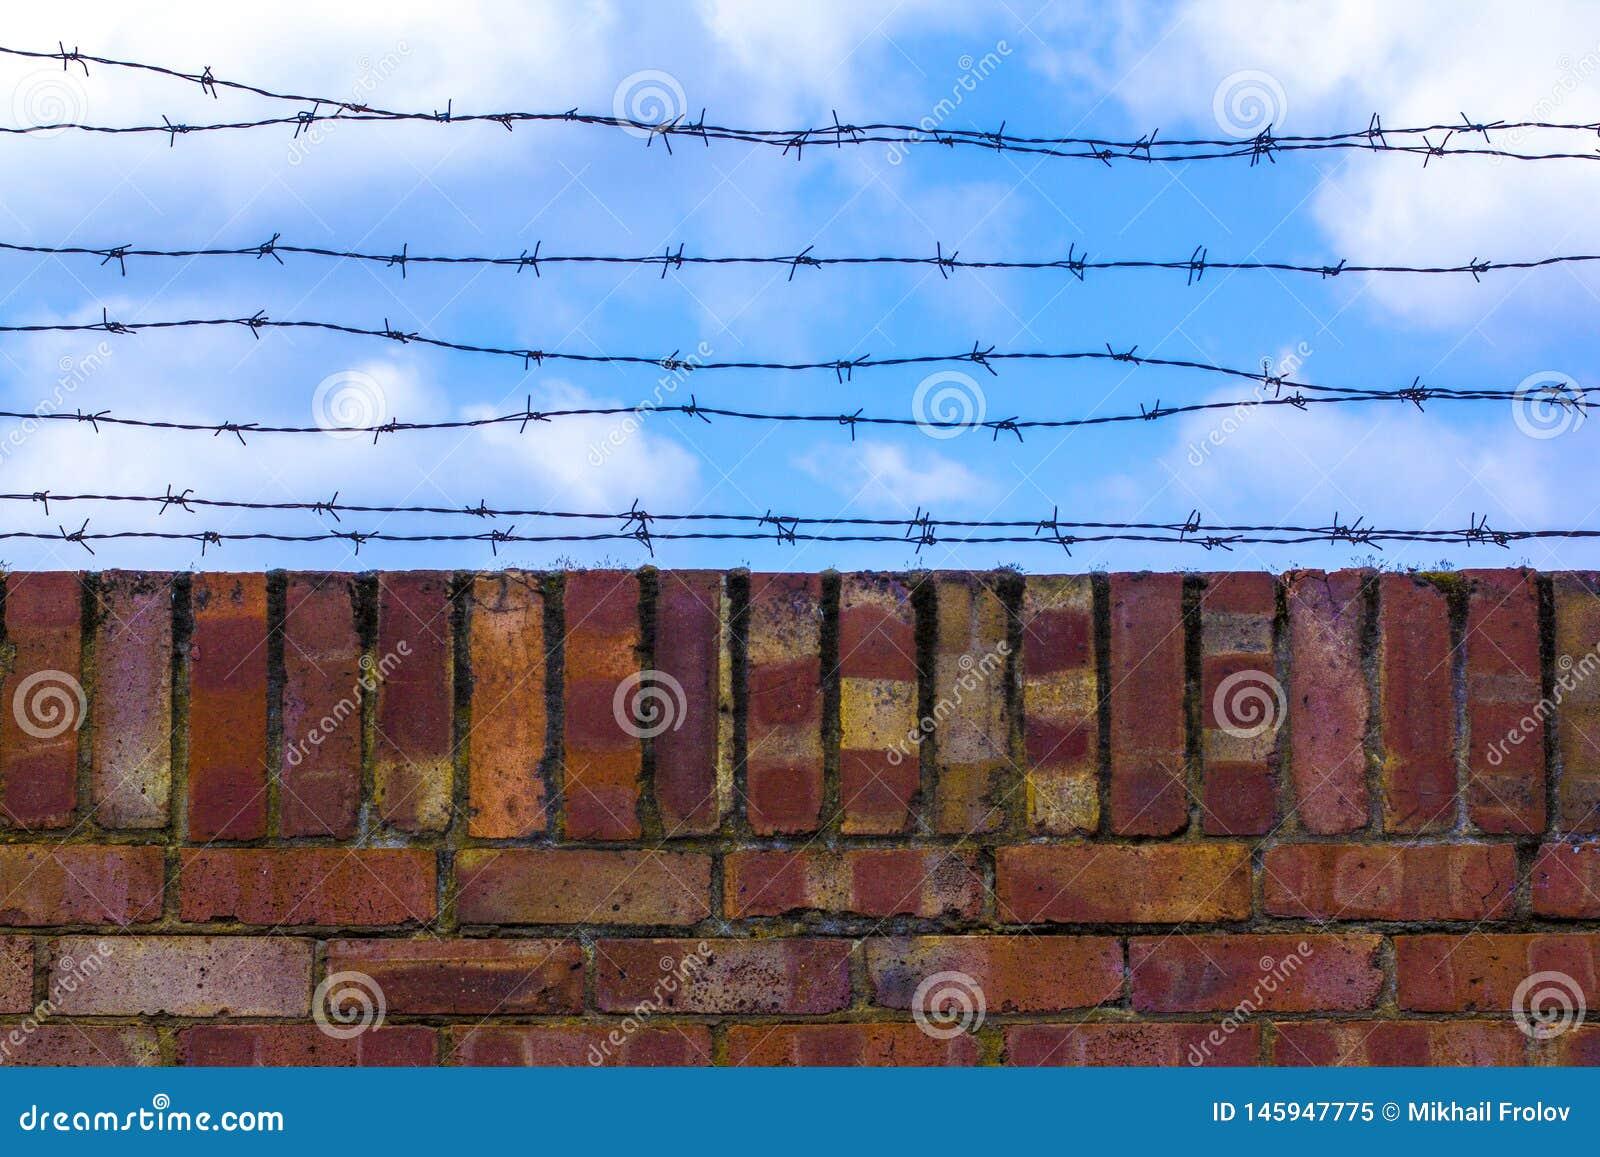 铁丝网和砖wallagainst天空蔚蓝 天空蔚蓝用铁丝网盖 监狱和蓝色多云天空